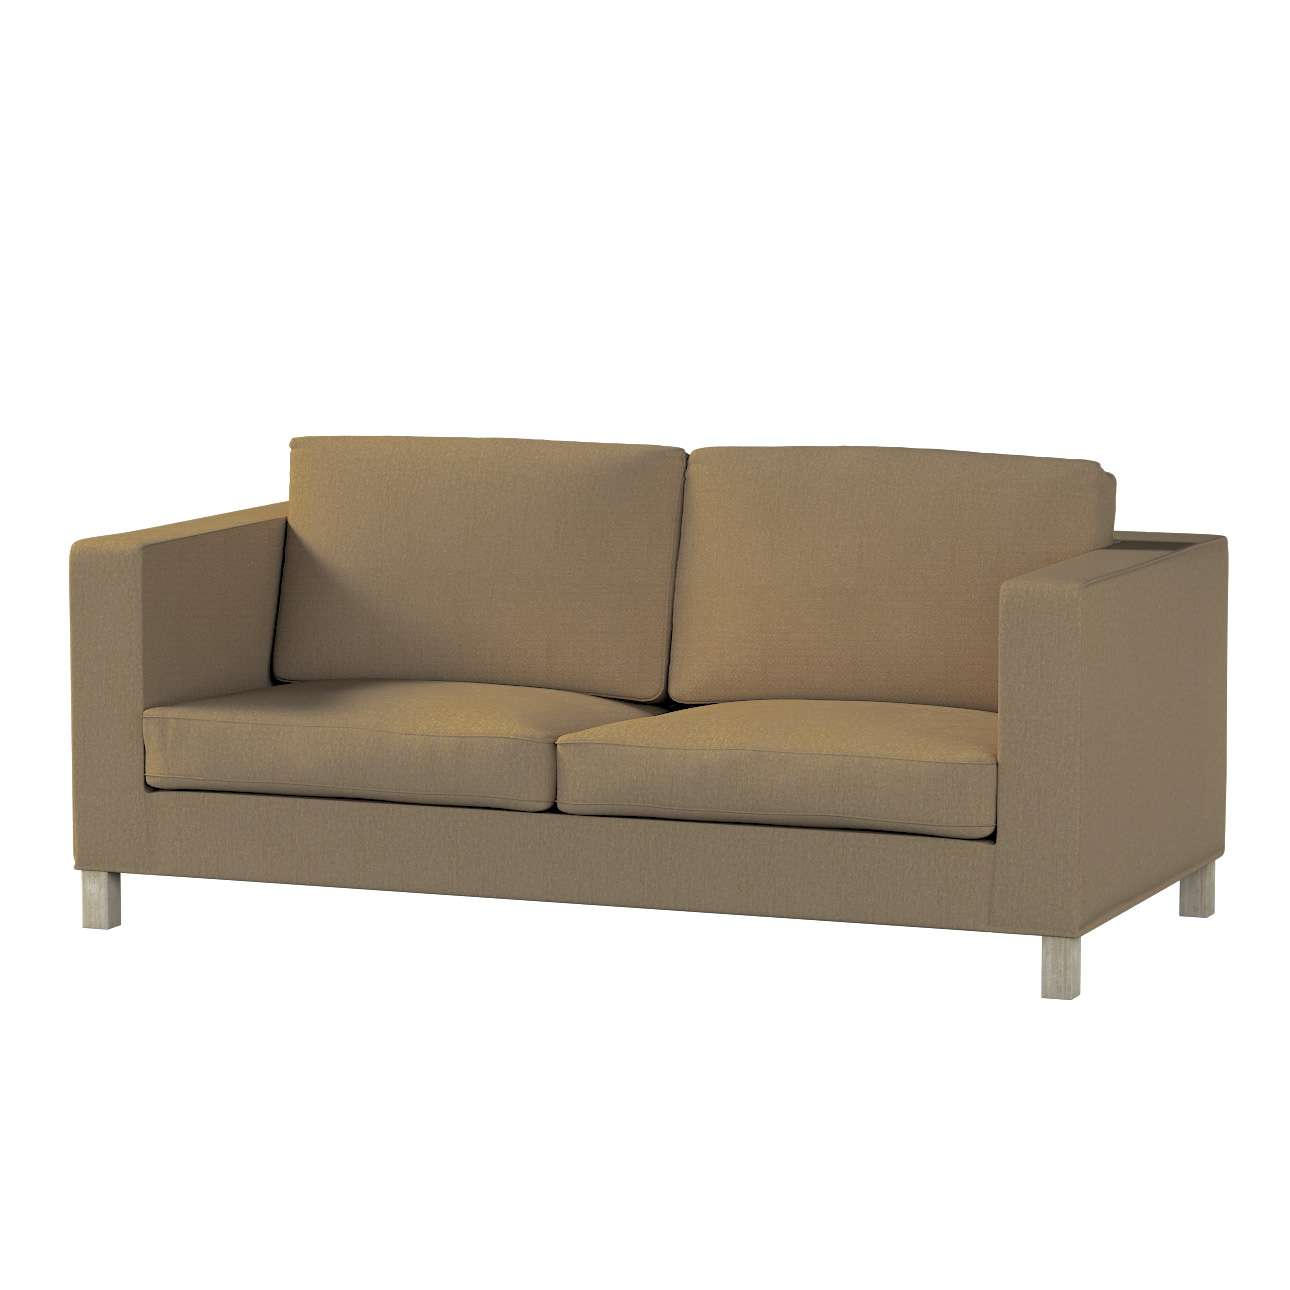 KARLANDA sofos lovos užvalkalas KARLANDA sofos lovos užvalkalas kolekcijoje Chenille, audinys: 702-21